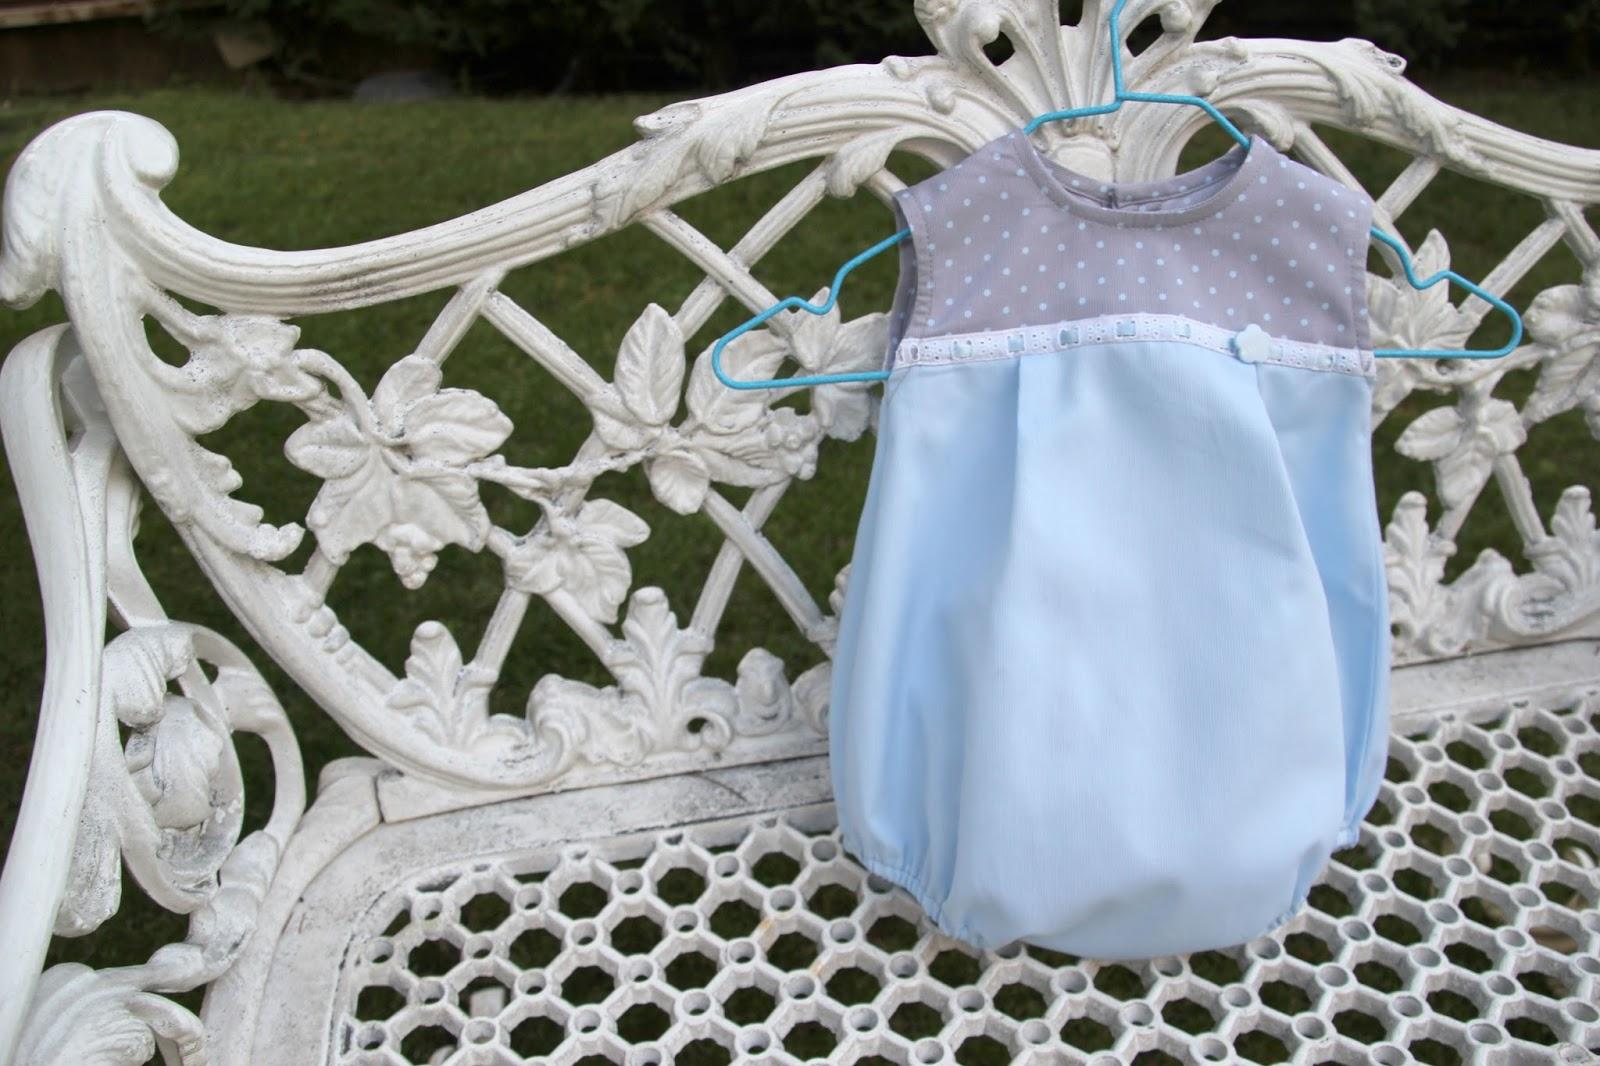 imagenes de patrones de ropa - imagenes de ropa | Cómo coser utilizando patrones 29 pasos (con fotos)